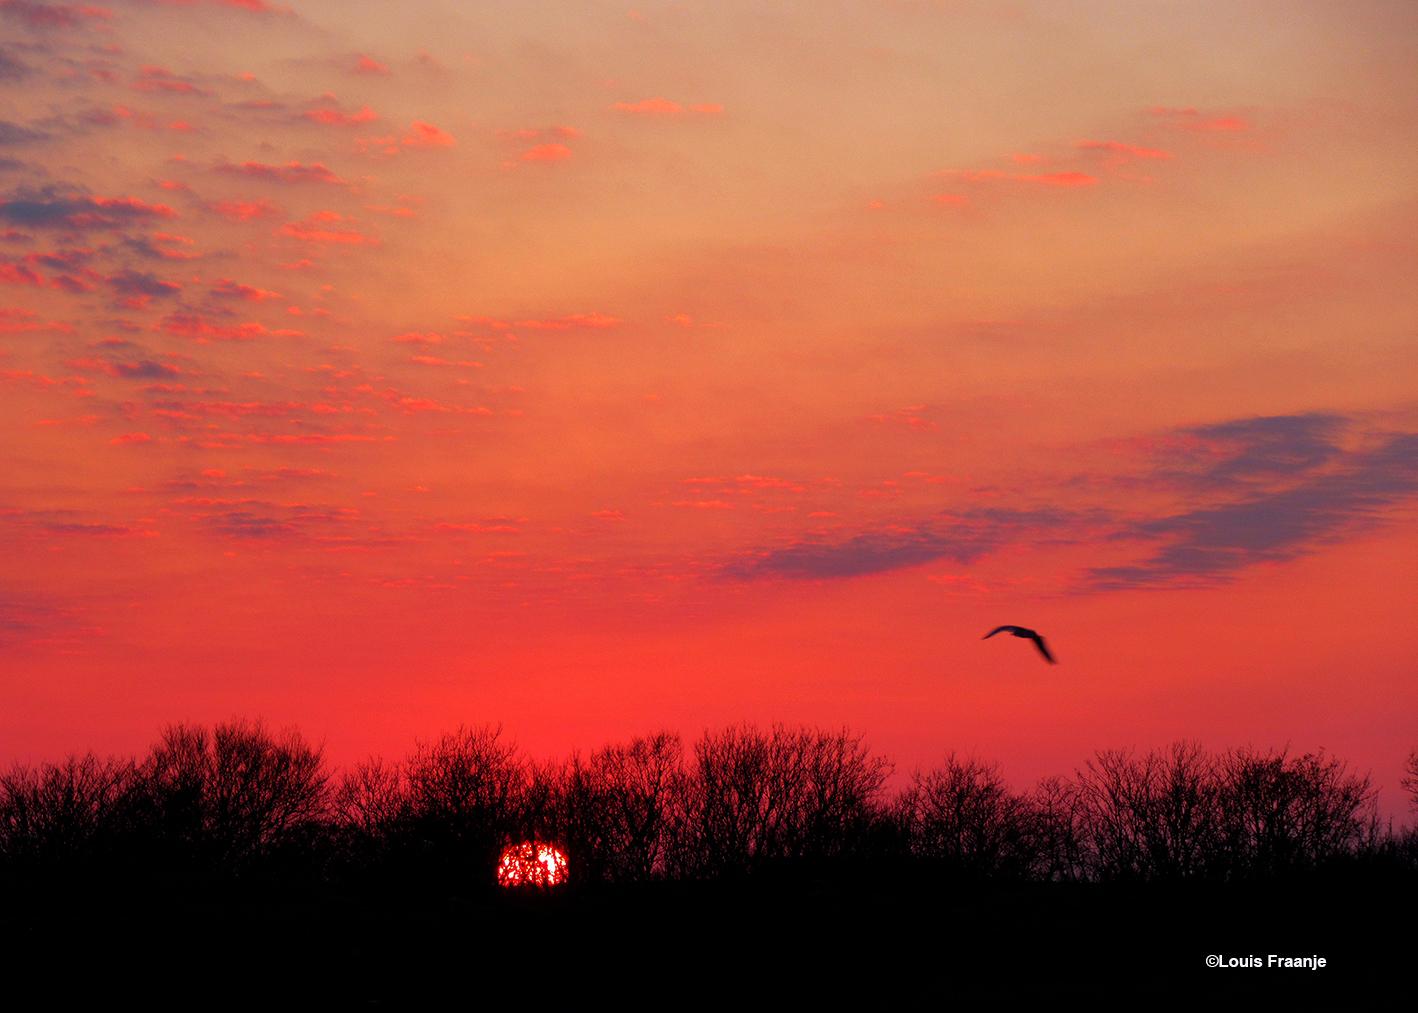 Als de zon langzaam wegzakt aan de horizon, kleurt de avondhemel vlammend rood - Foto: ©Louis Fraanje